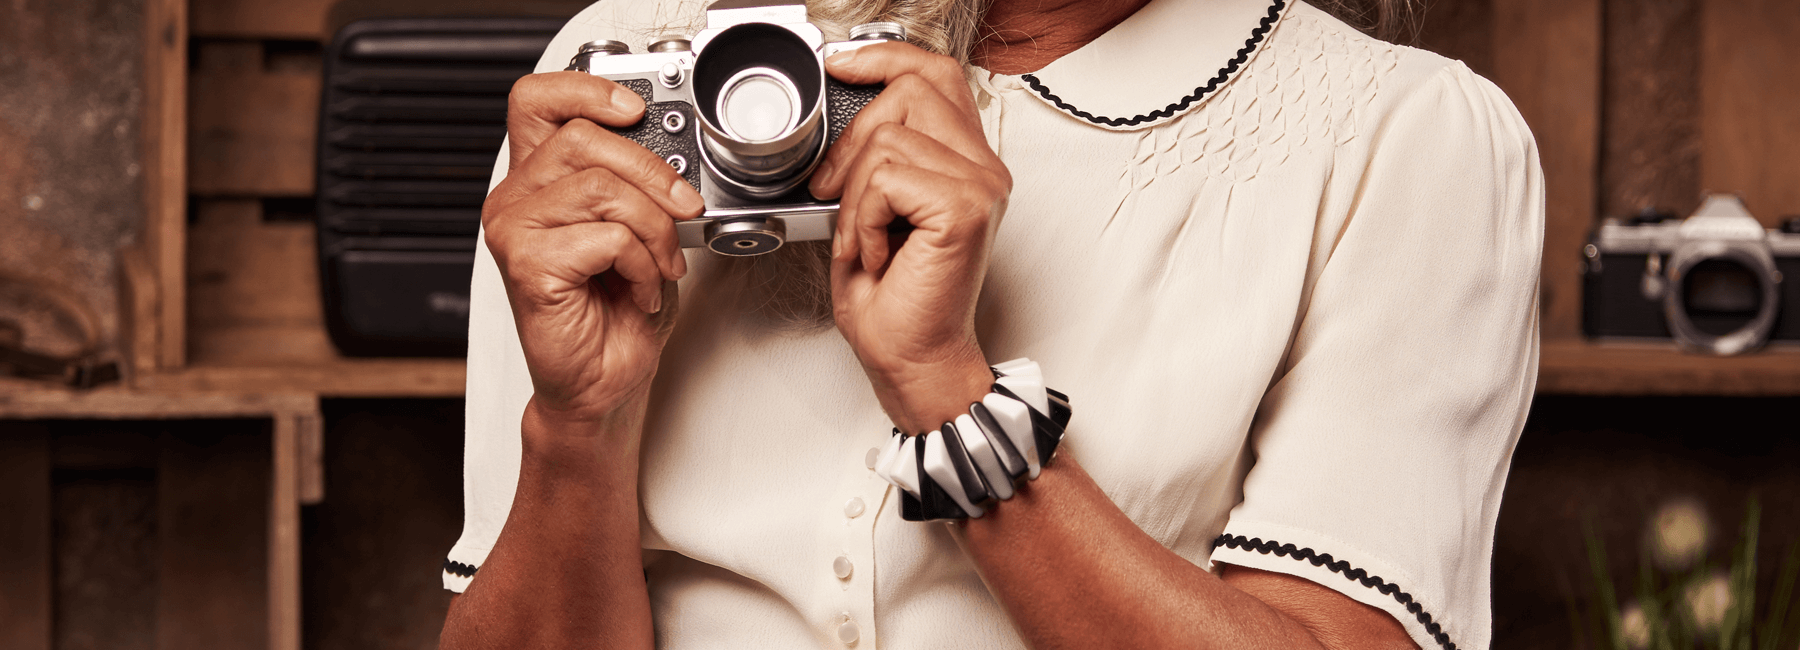 Ob schlicht fürs Büro, elegant für den Abend oder sexy im Rockabilly- oder Pinup-Style: Blusen waren schon immer ein unverzichtbarer Bestandteil gepflegter Damenmode. Und auch heute kombiniert man Rock und Hose stilecht mit einer Bluse im Vintagestil.